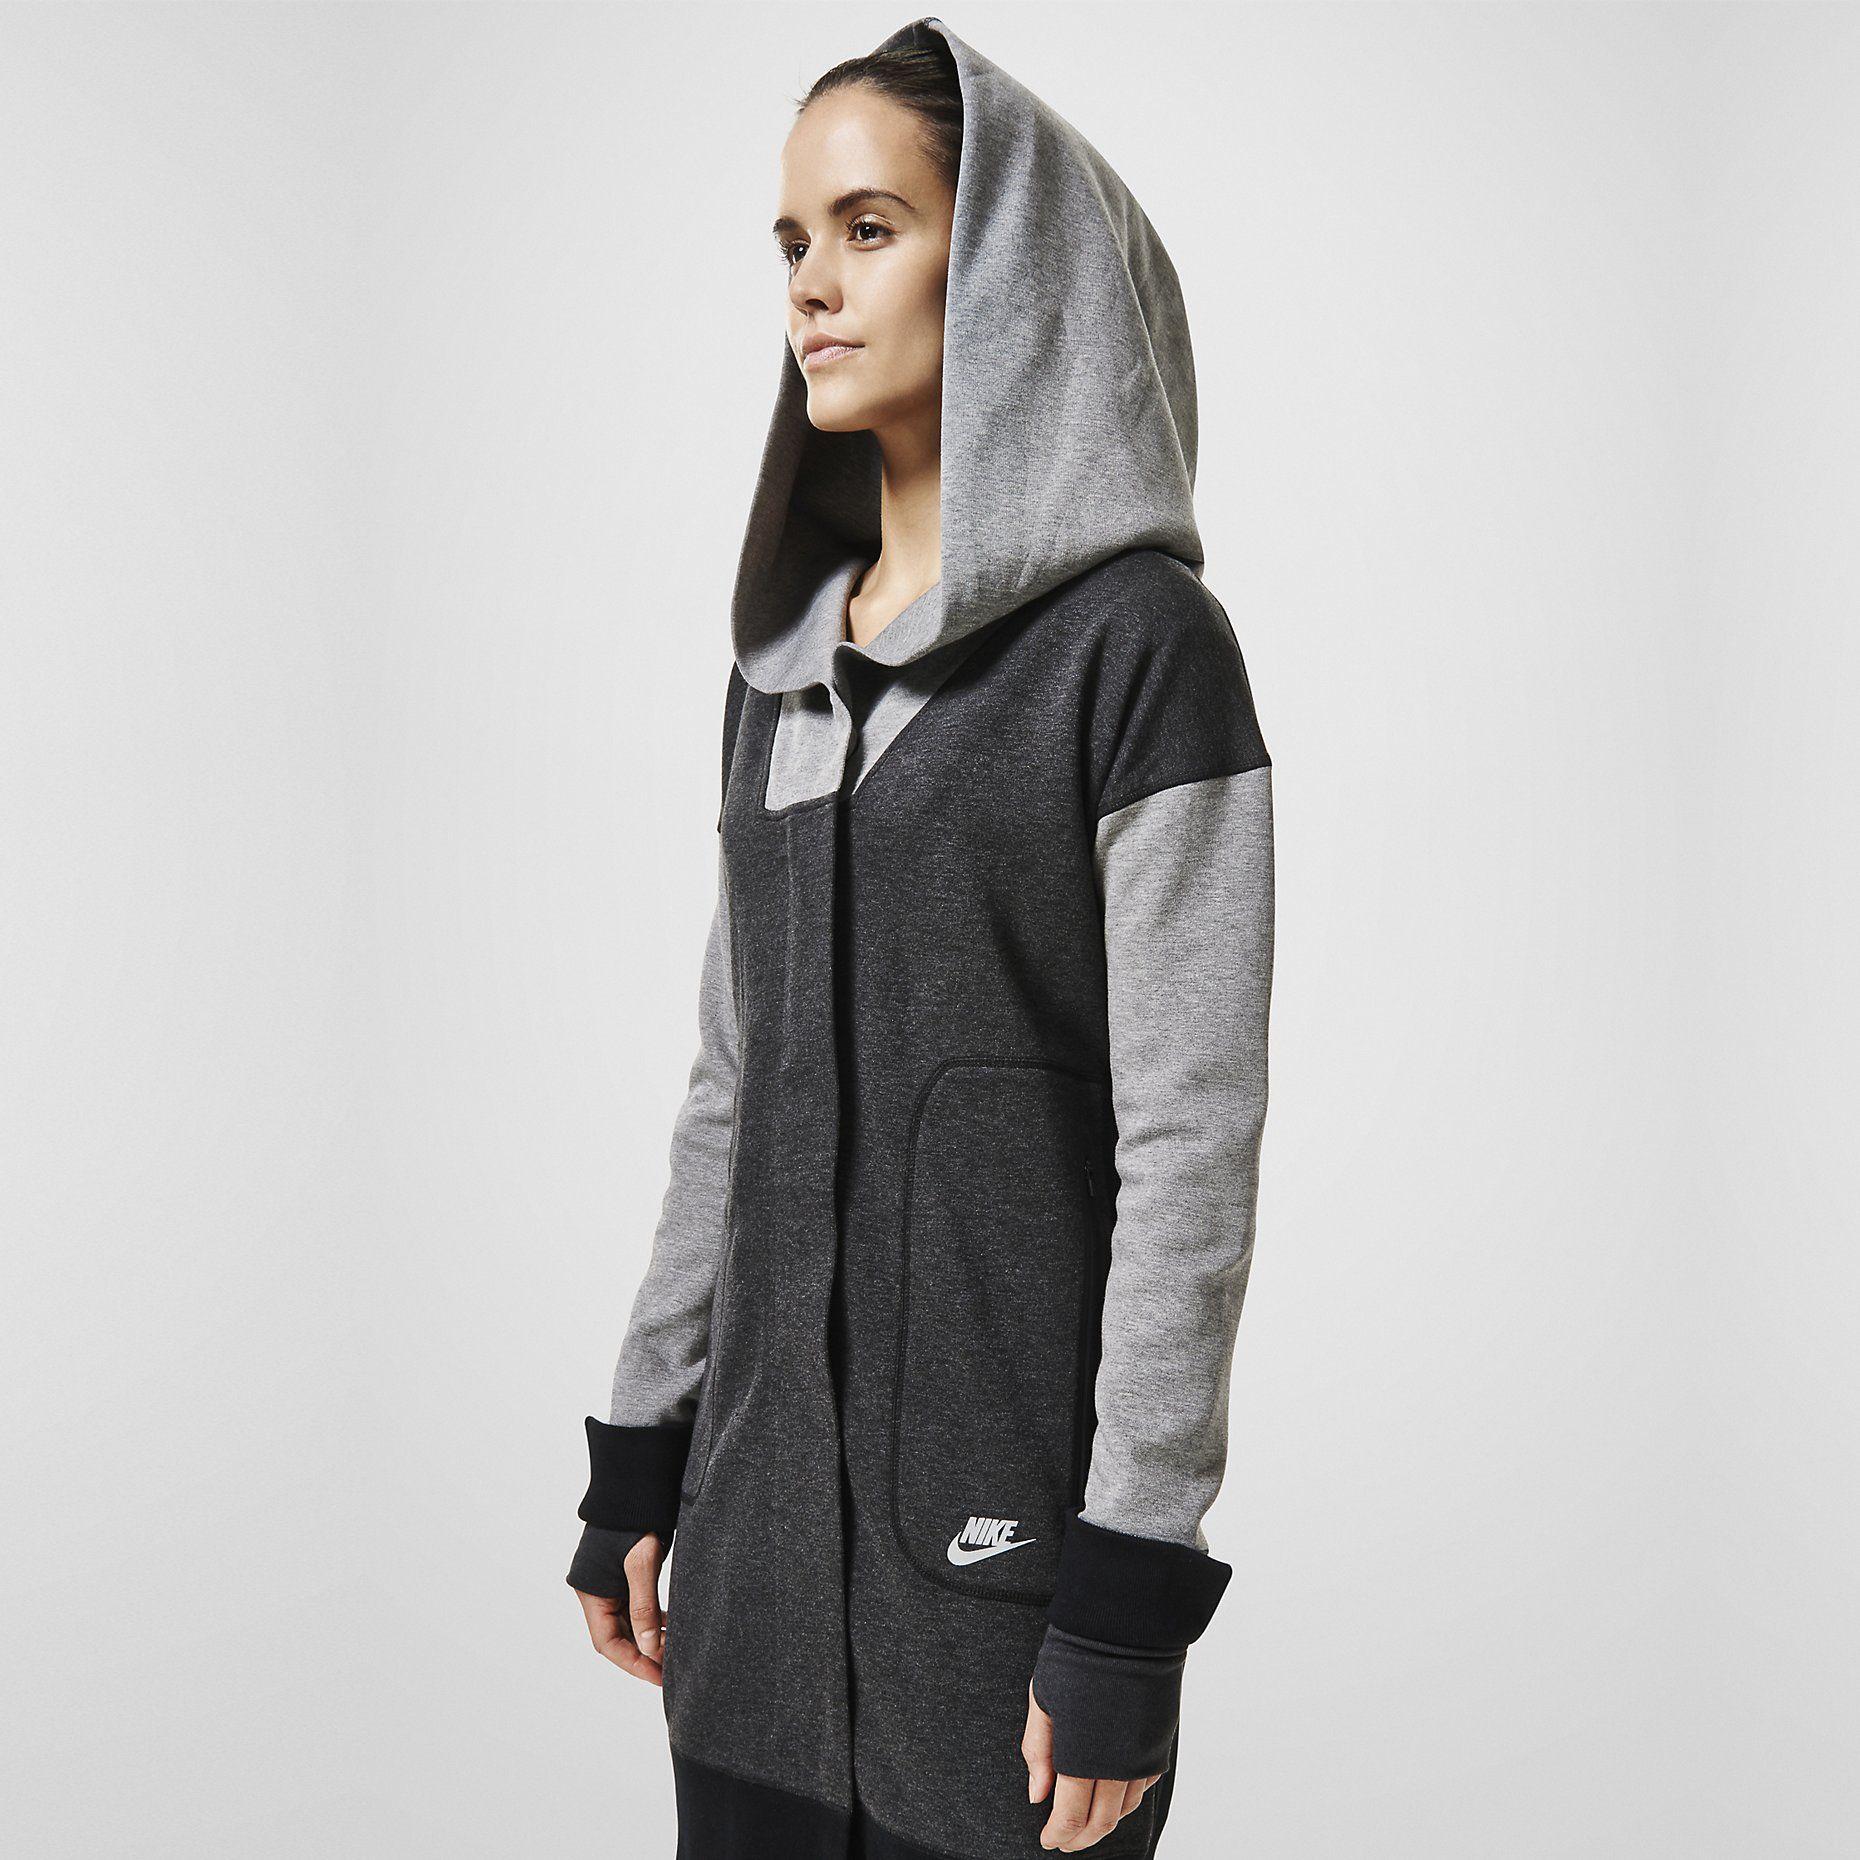 Nike Tech Fleece Cocoon Women's Jacket. Nike Store Nike